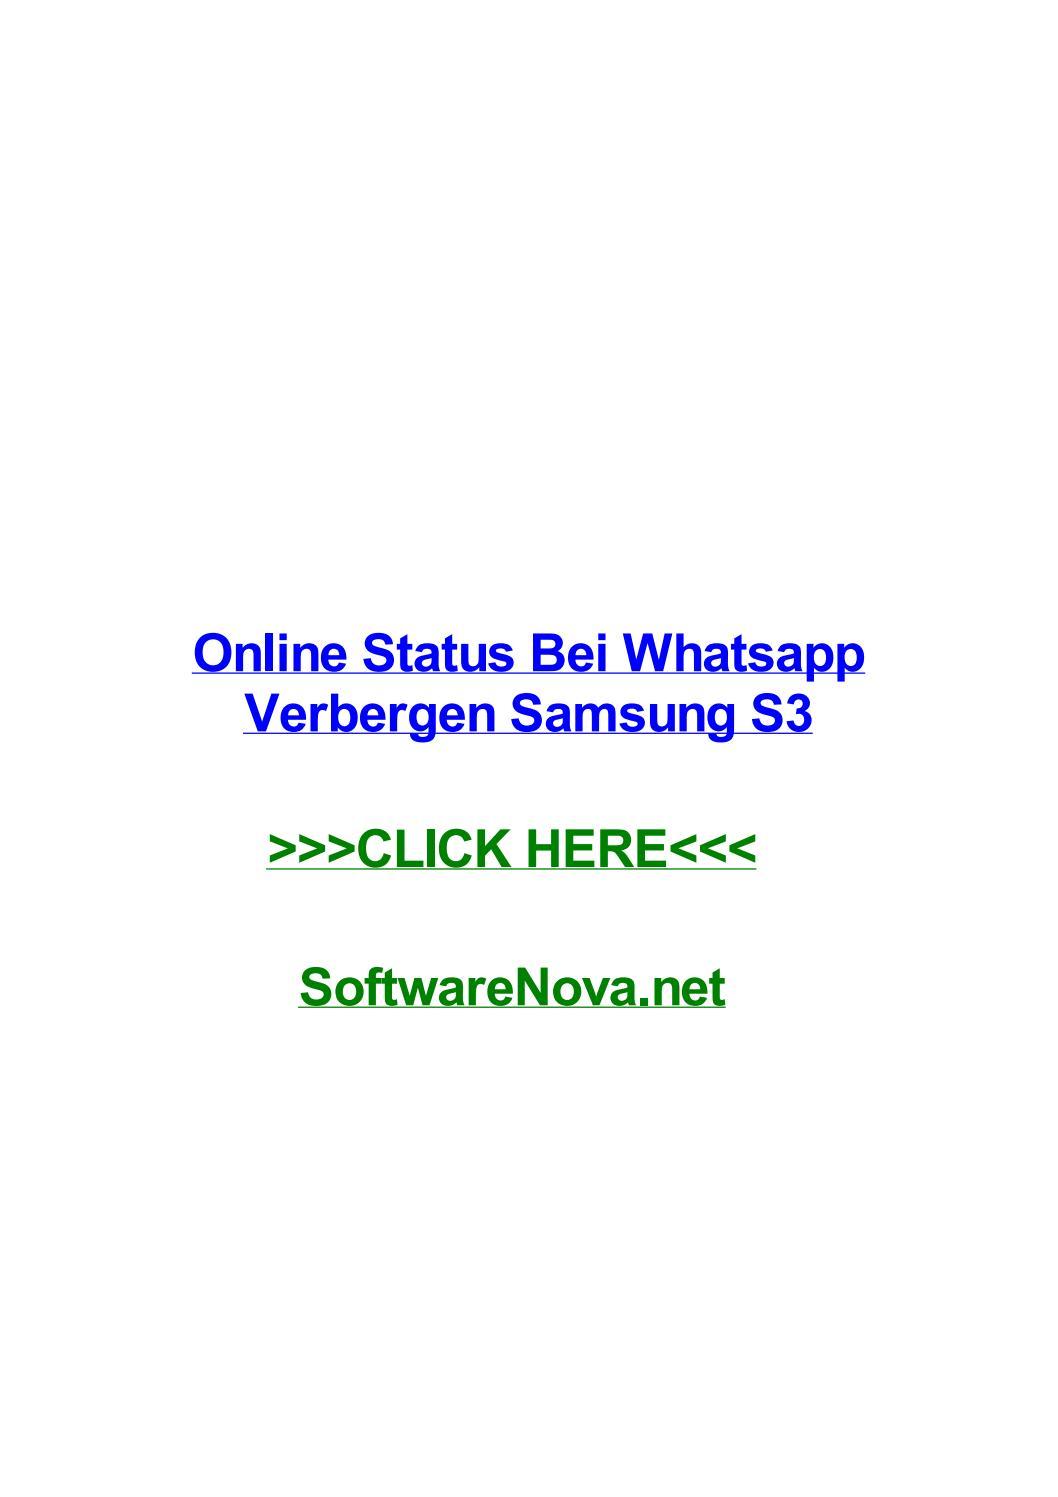 Online Status Bei Whatsapp Verbergen Samsung S3 By Leahyxxw